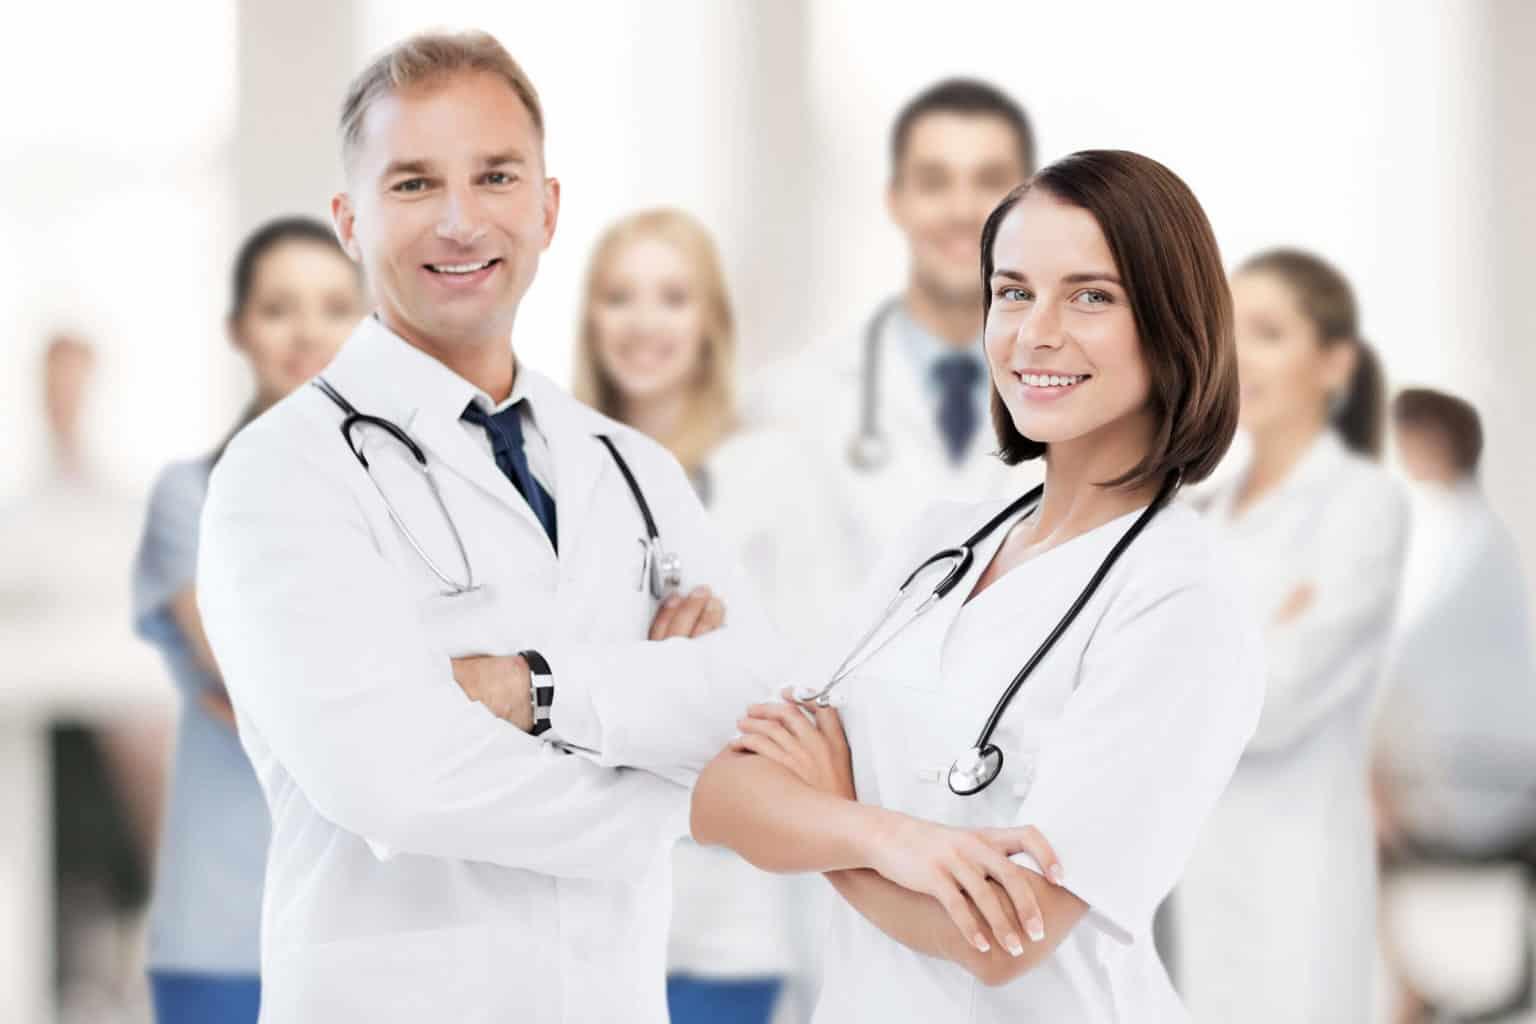 Professionelle Ärzte Homepage